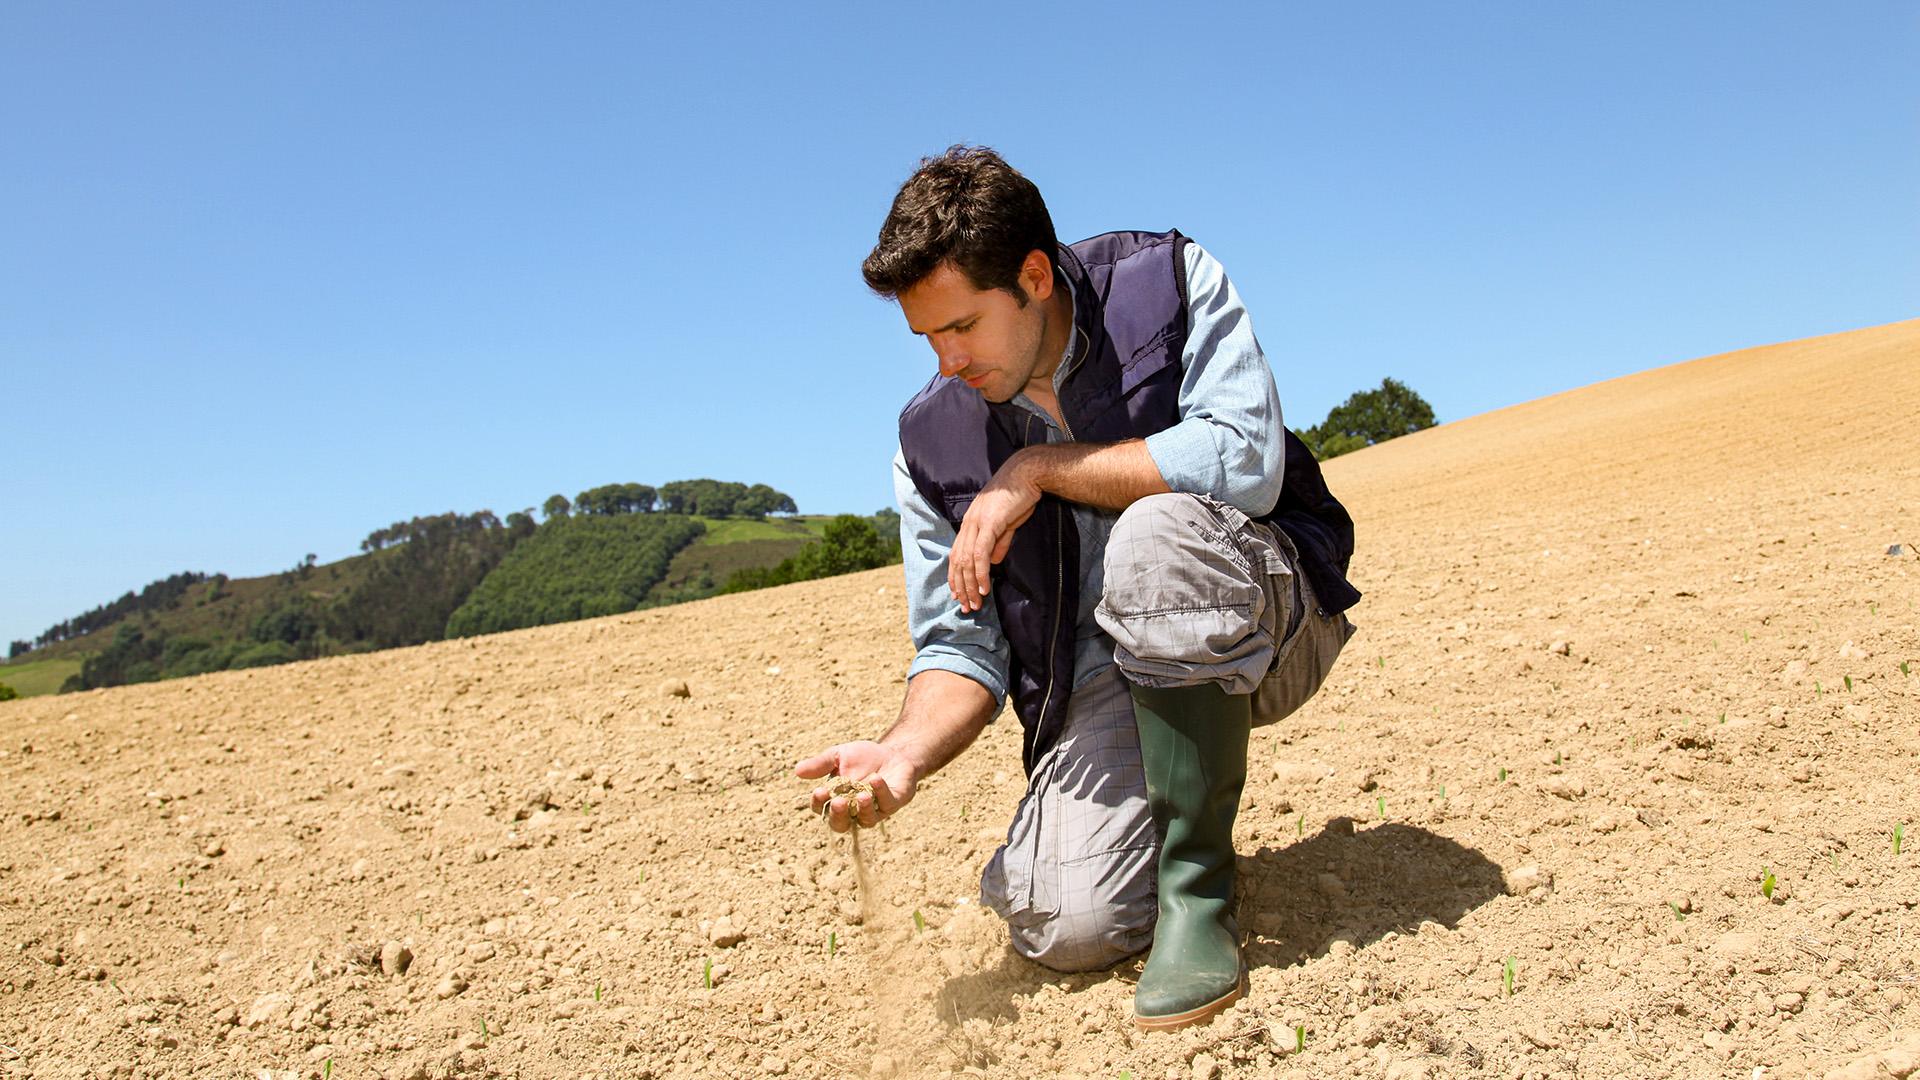 20kw03 Trockenheit betrifft Bauern